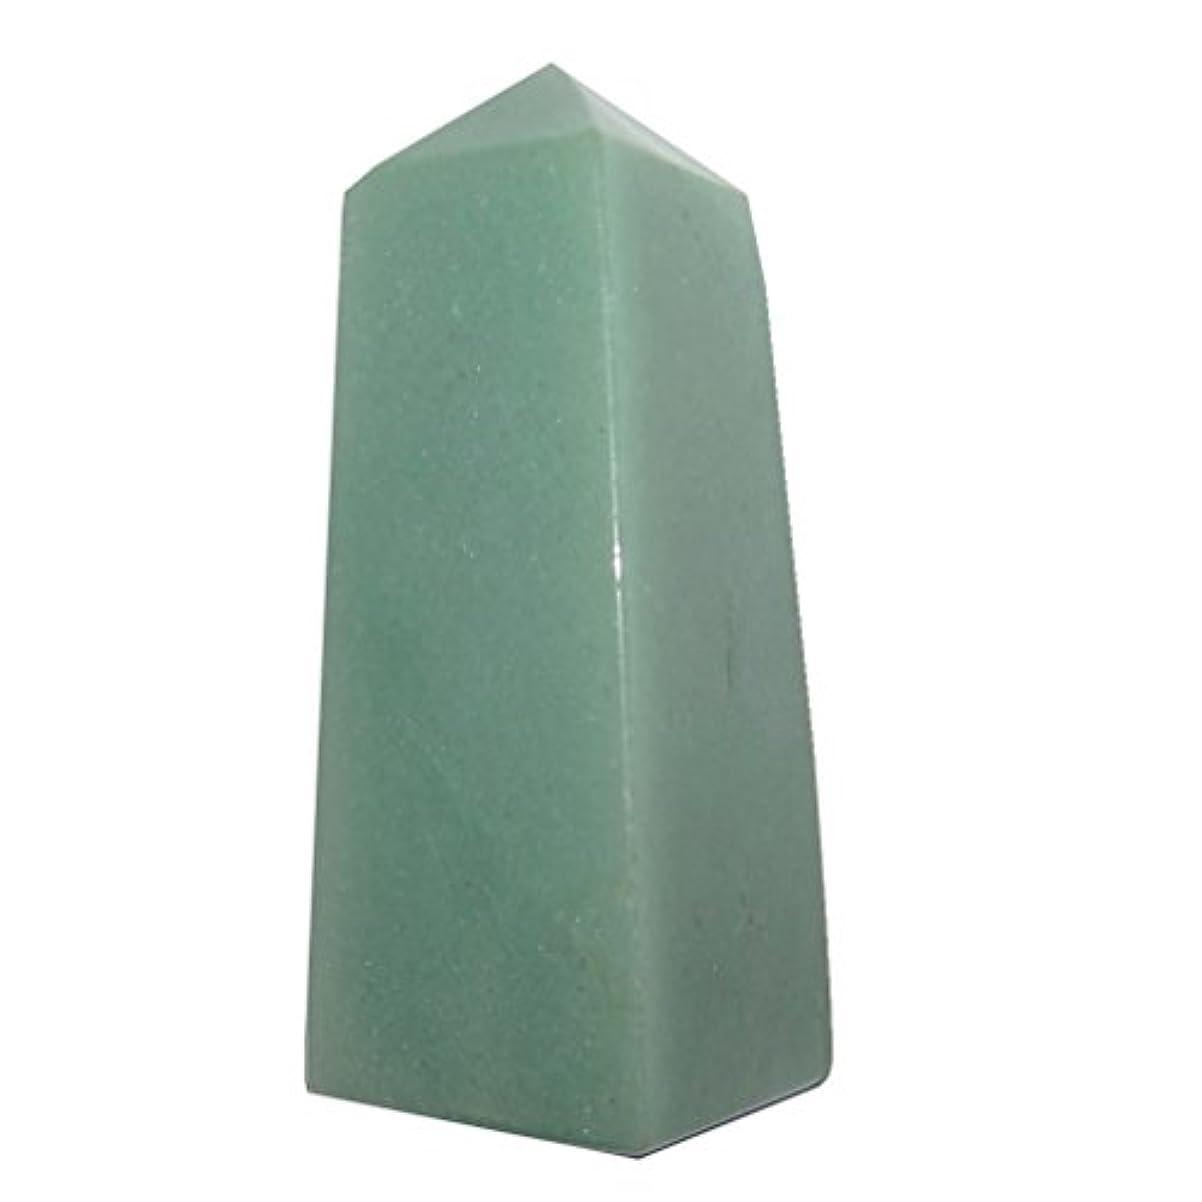 重要着服脚本家サテンクリスタルアベンチュリングリーンWandタワーCollectible 4 Sided Obelisk Money Wealth Abundance Attractionストーンc01 3.0 Inches グリーン...